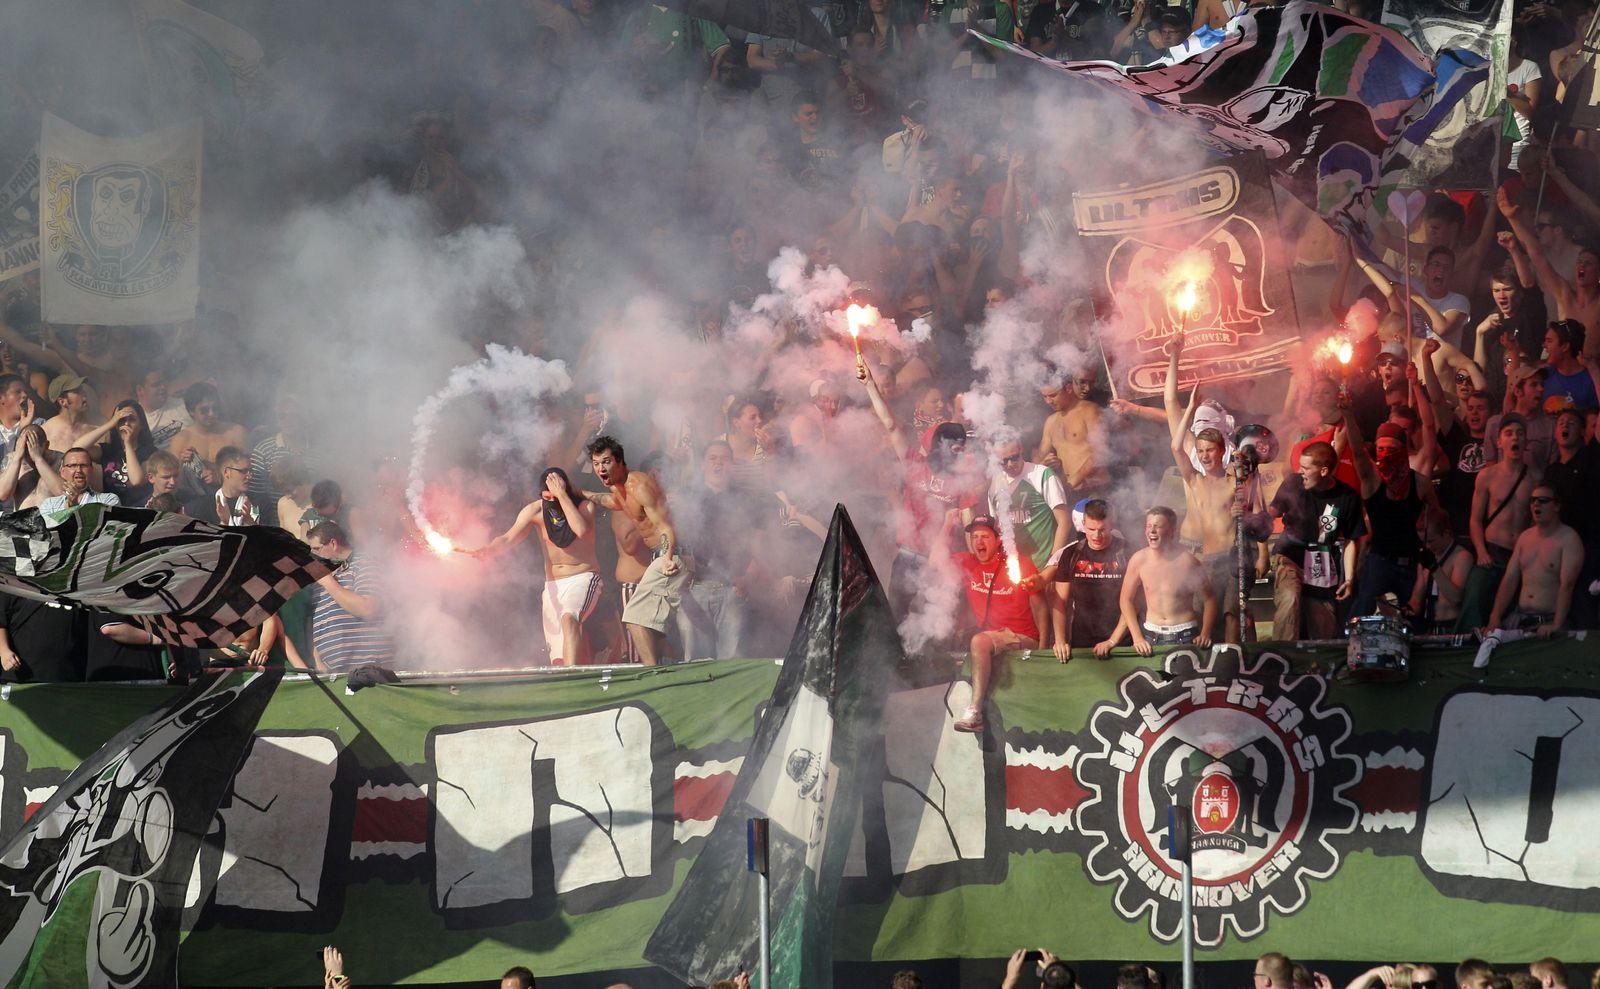 NICHT VERWENDEN Hannover Pyro Fans